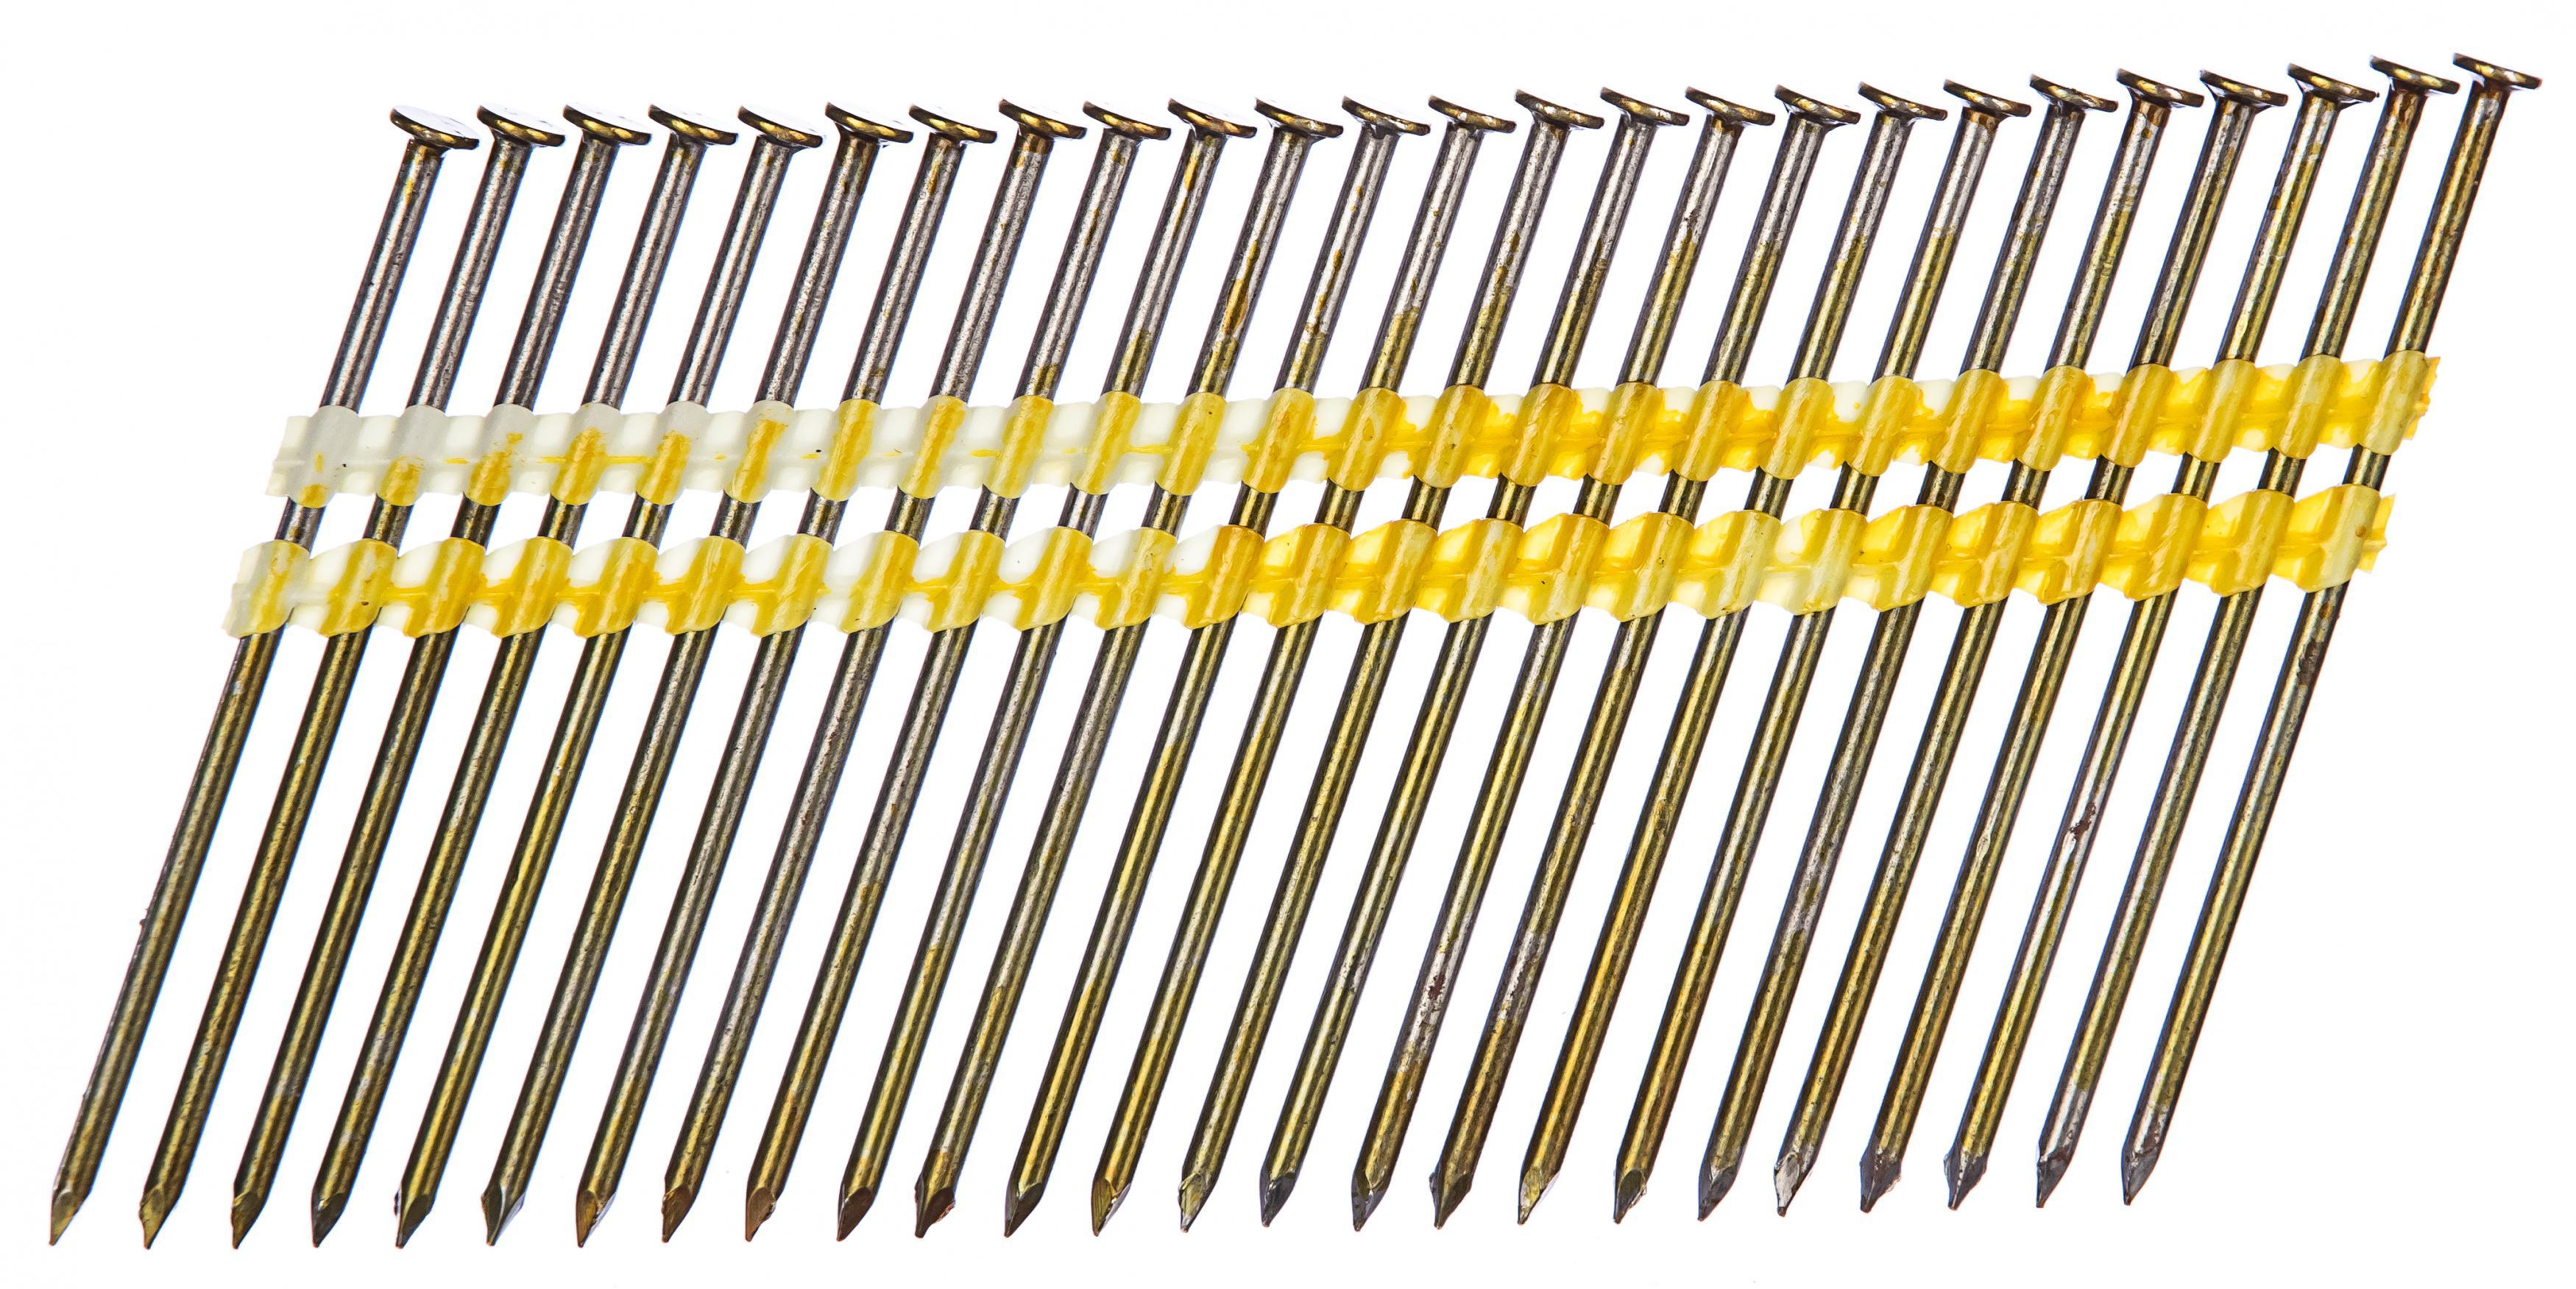 Гвозди для степлера Fubag для n90 140109 гвозди для пневмоинструмента fubag sn 4050 20мм 5000шт 140124